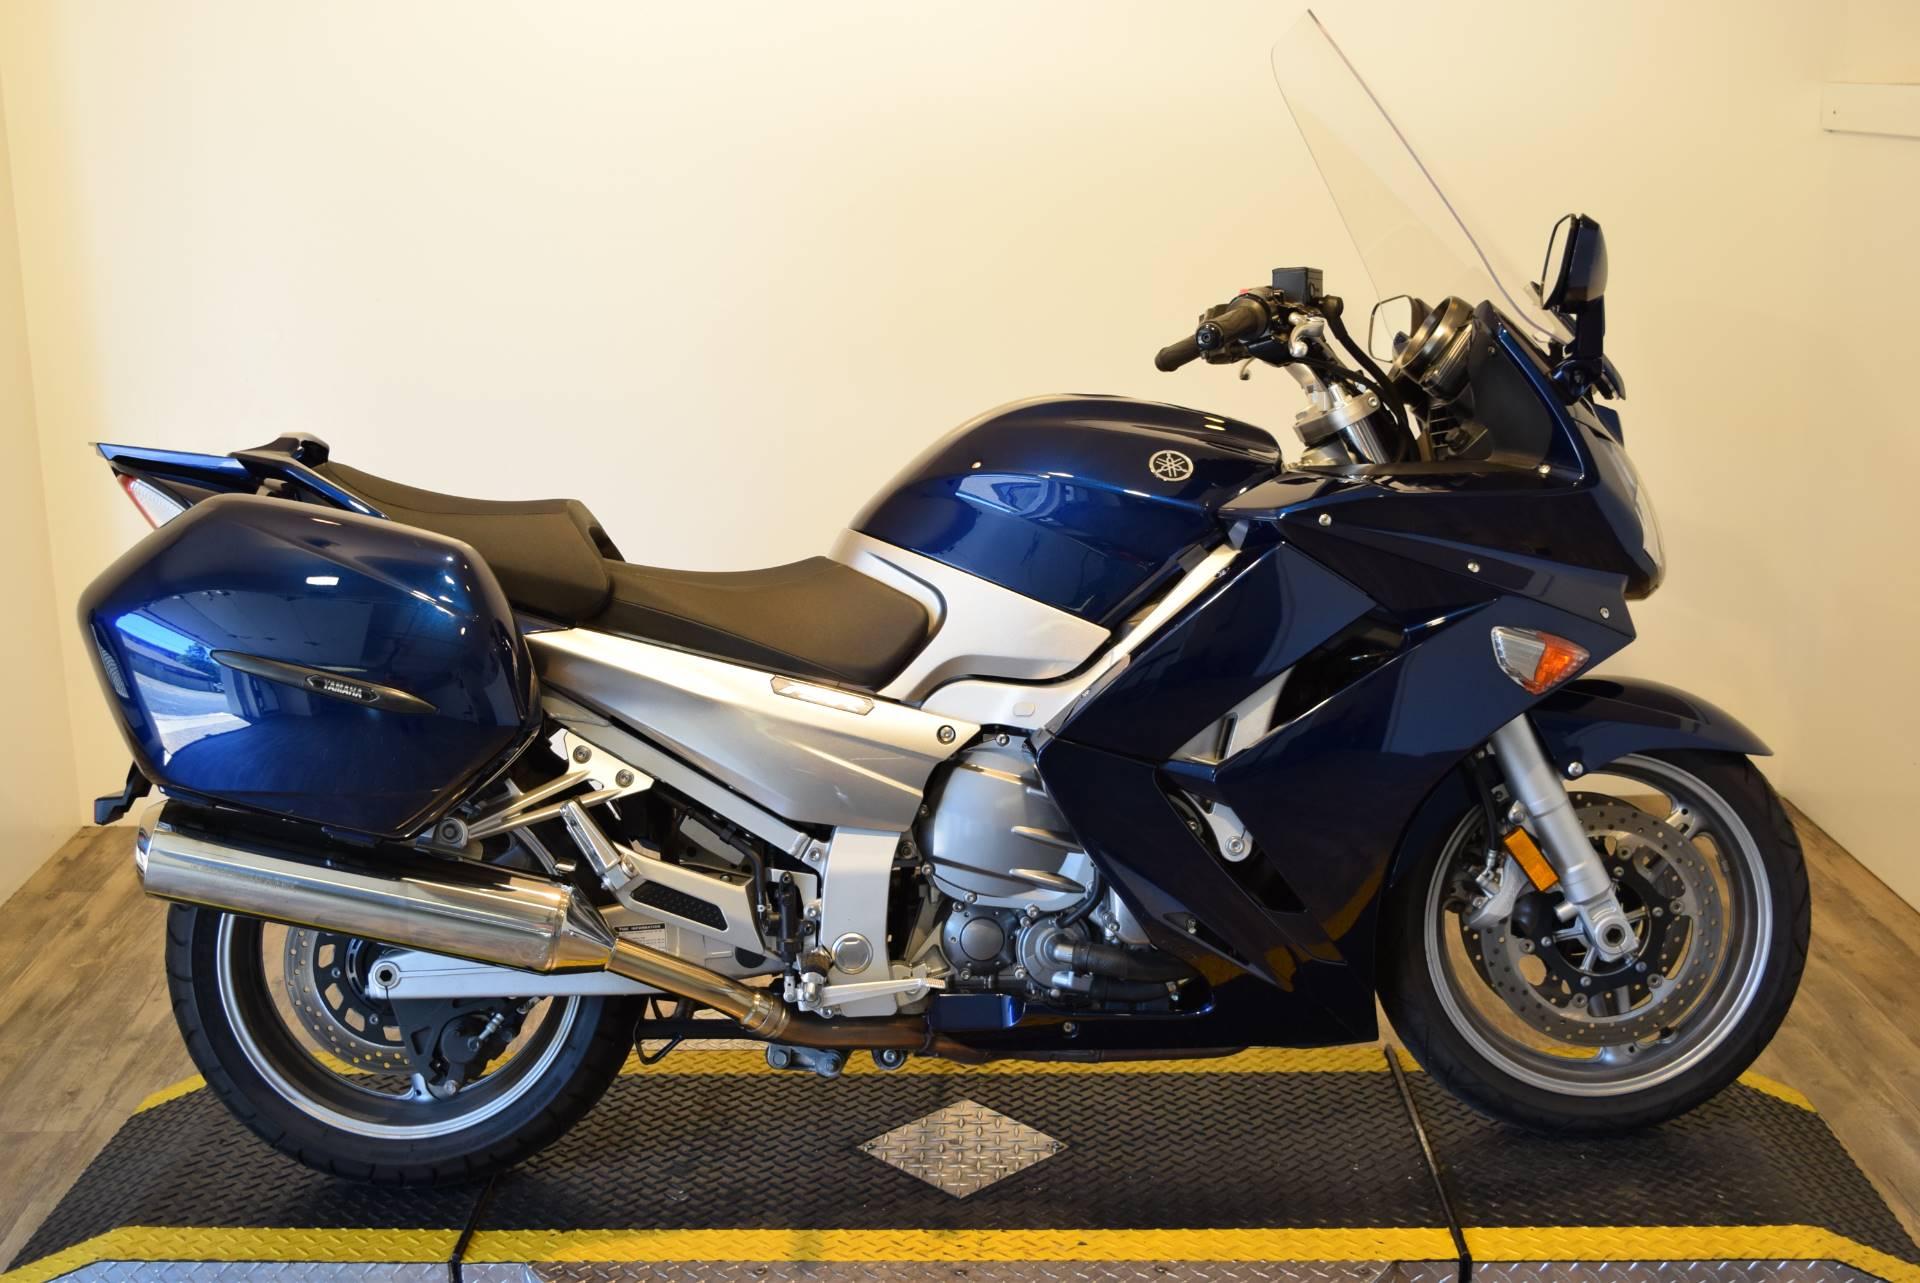 2012 Yamaha FJR1300A for sale 17827